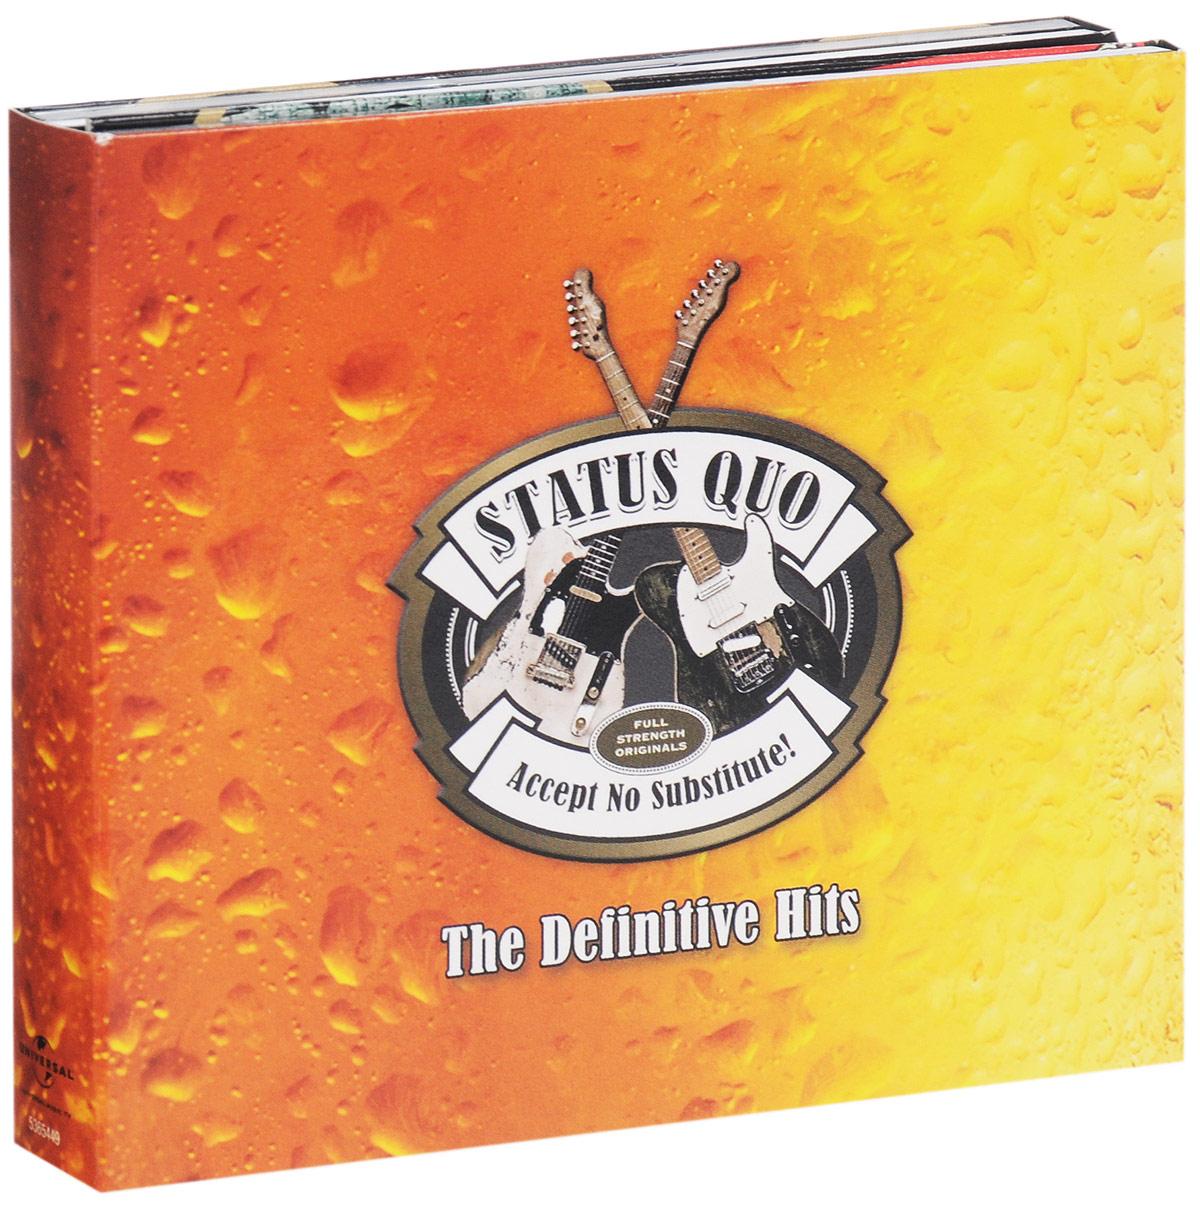 Status Quo Status Quo. Accept No Substitute. The Definitive Hits (3 CD) status quo status quo piledriver deluxe edition 2 cd